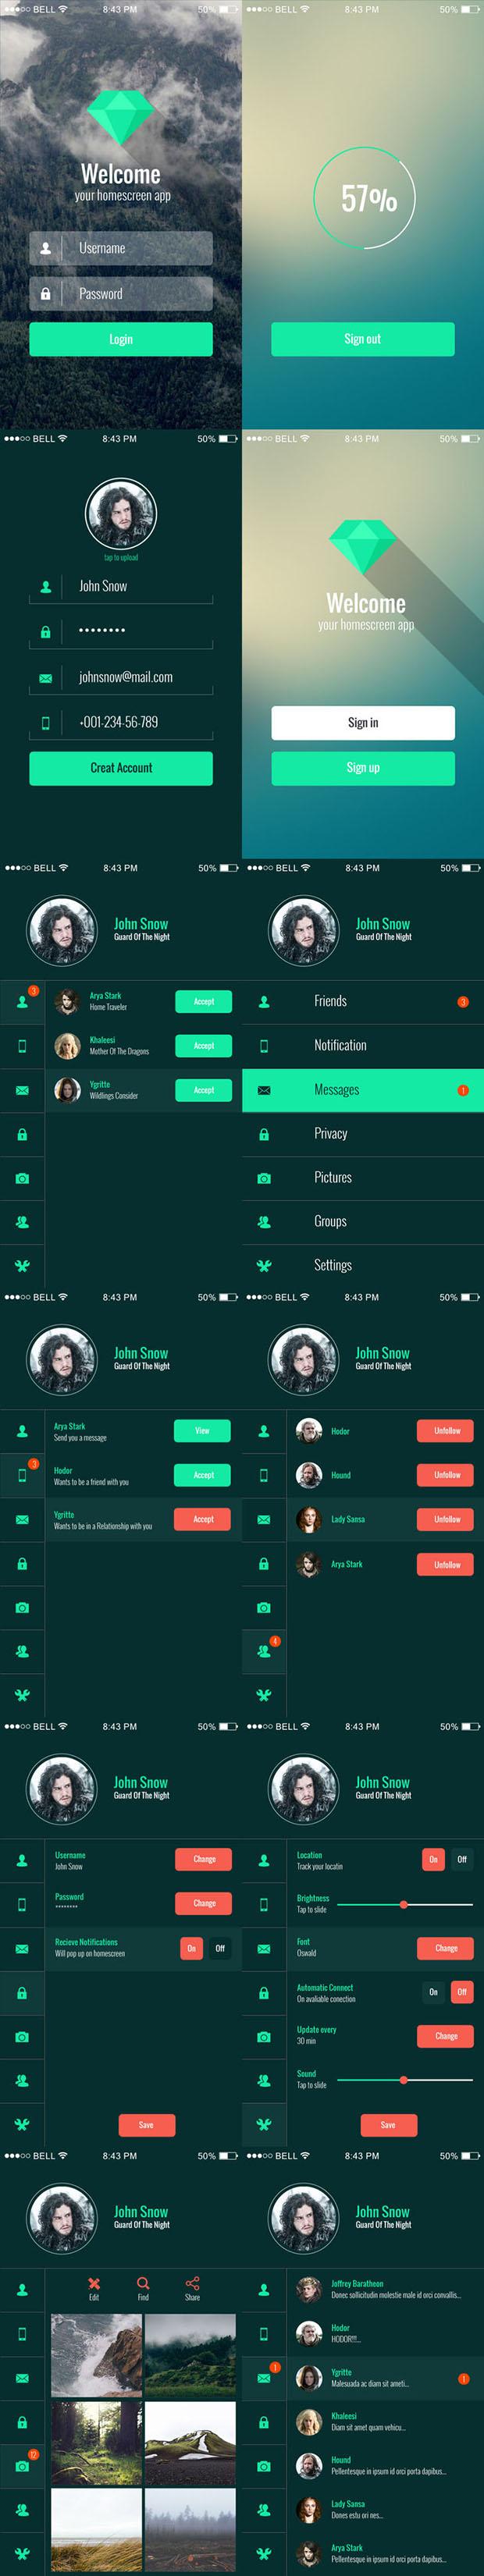 Freebie-Mobile-App-UI-Kit